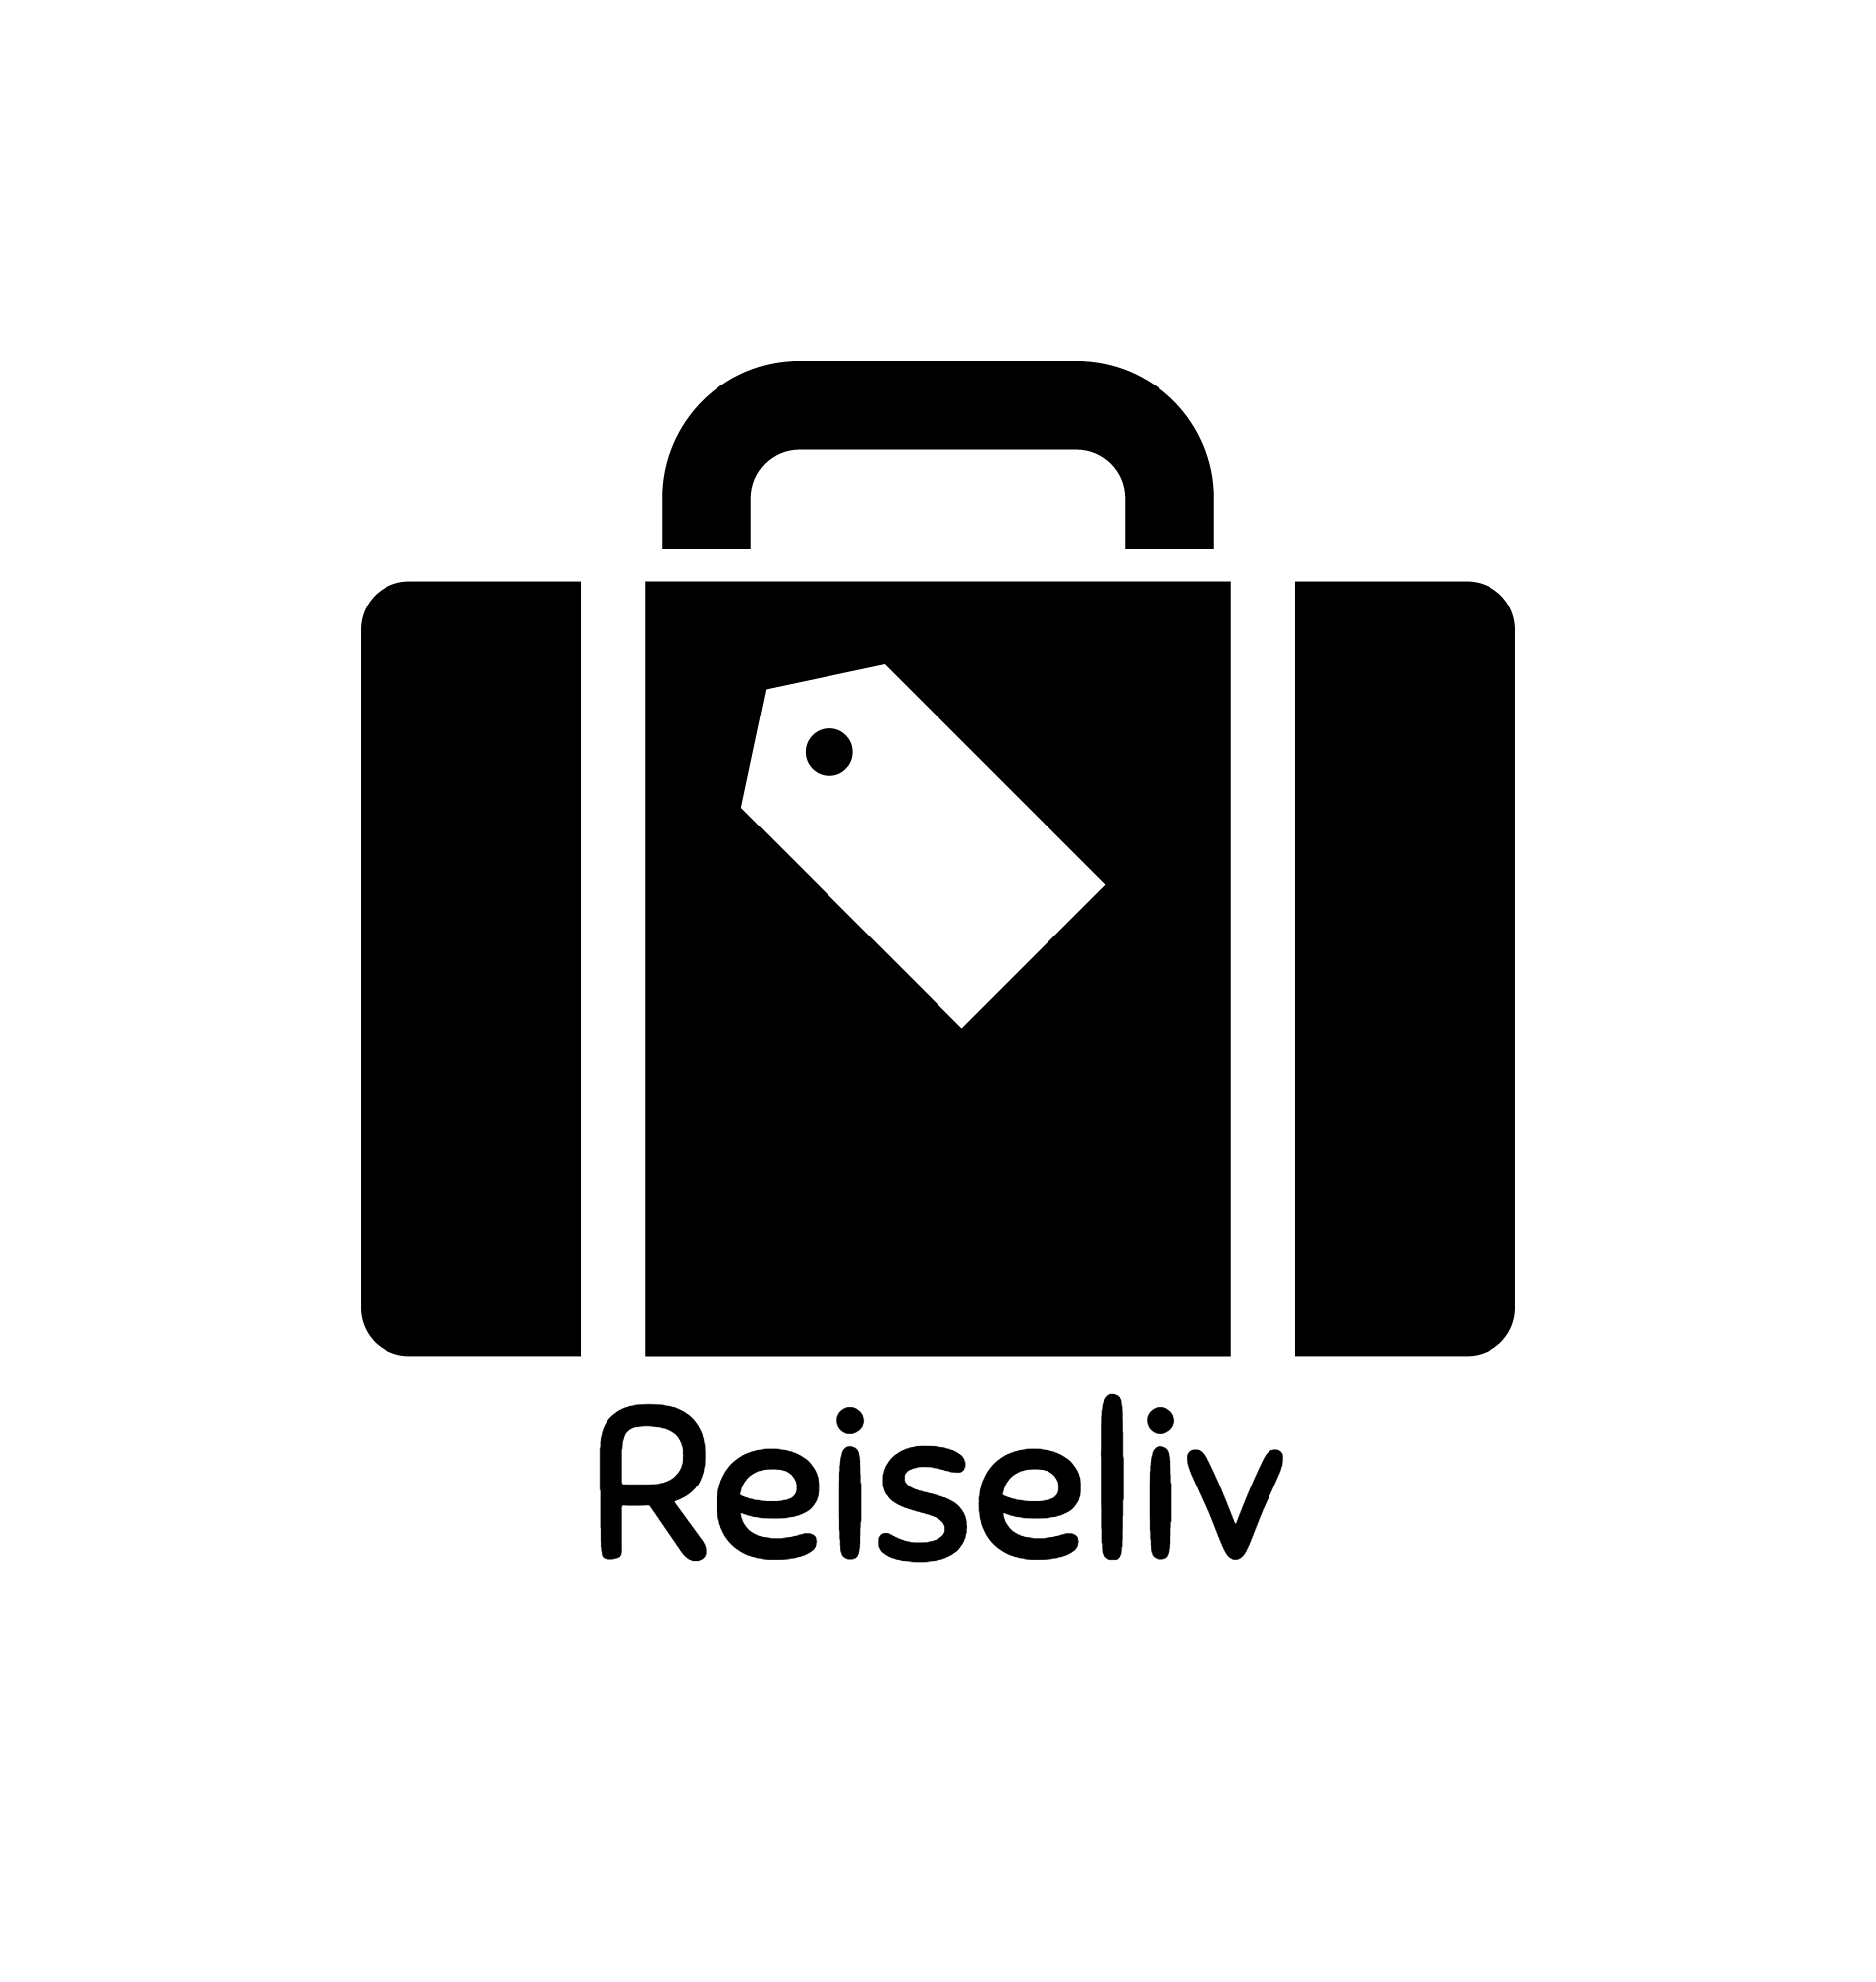 Reiseliv-logo-black.png